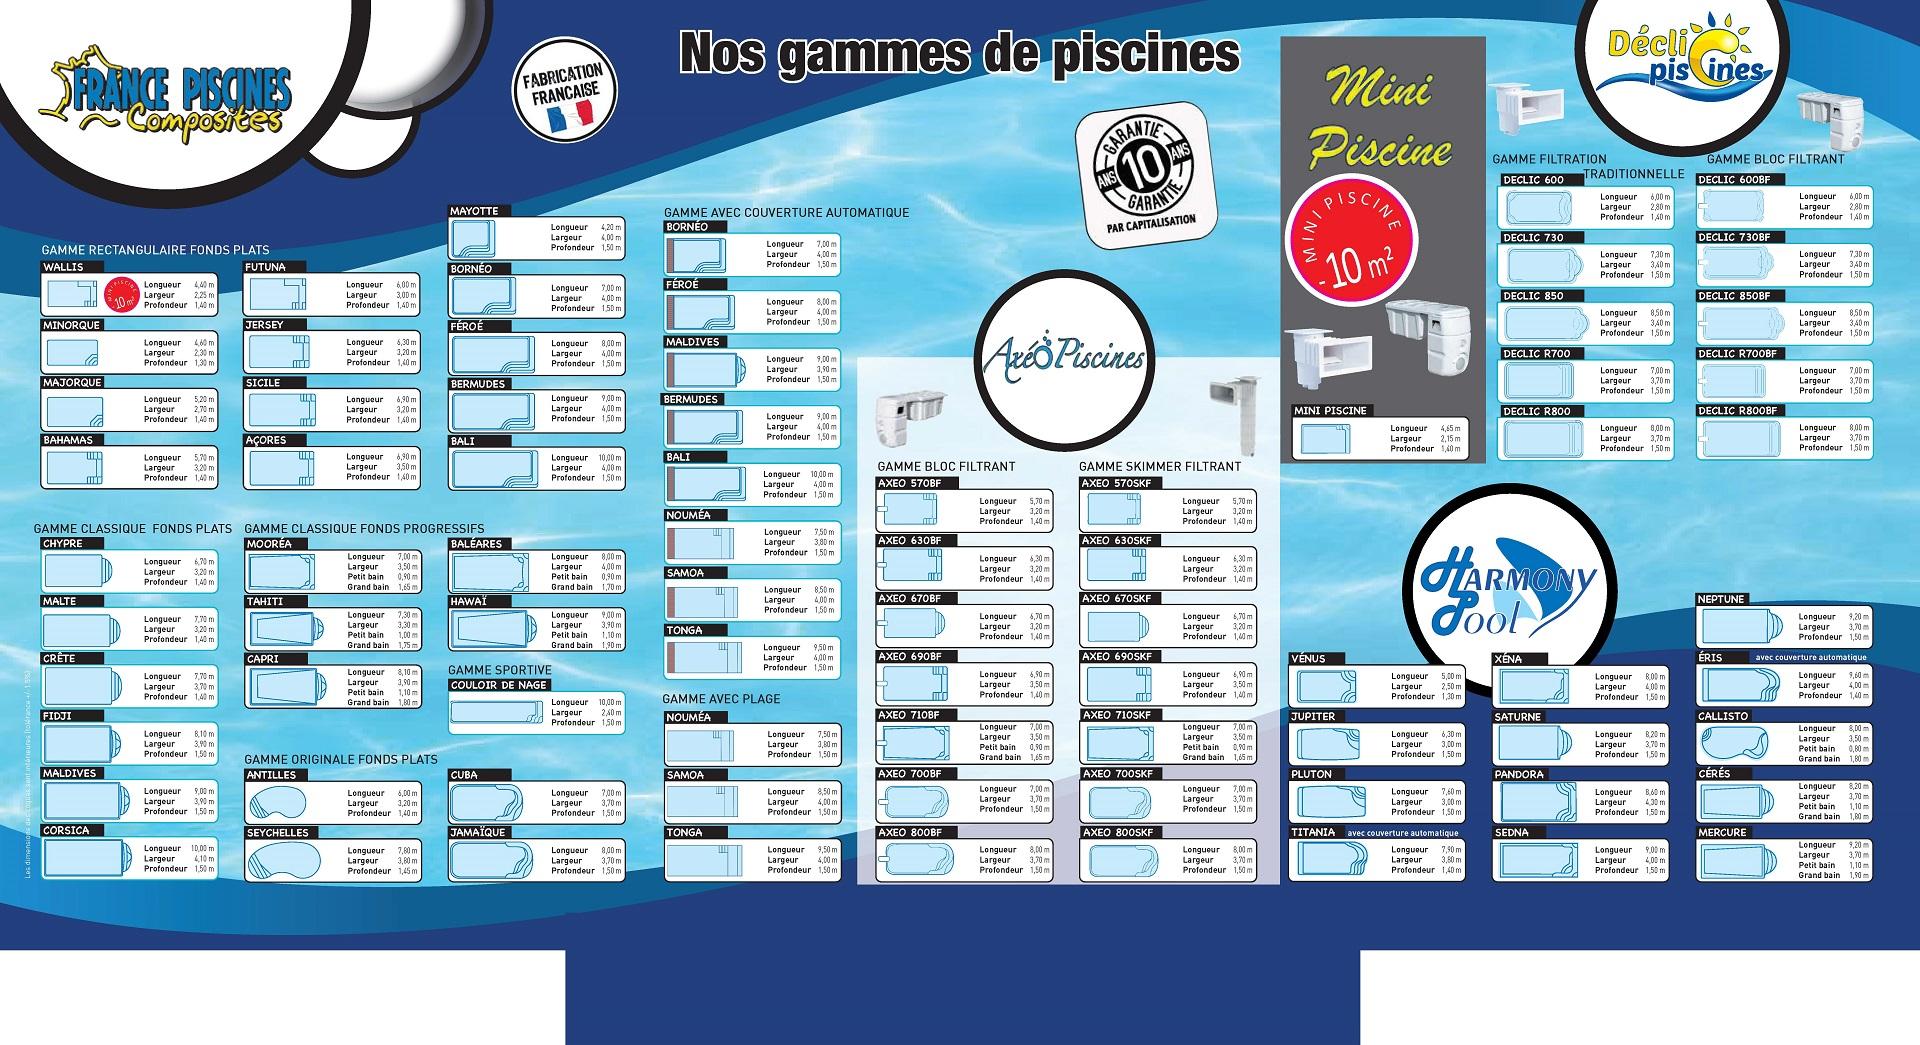 Gamme-coques piscines 2021 - Les Techniciens de L'Eau Sisteron